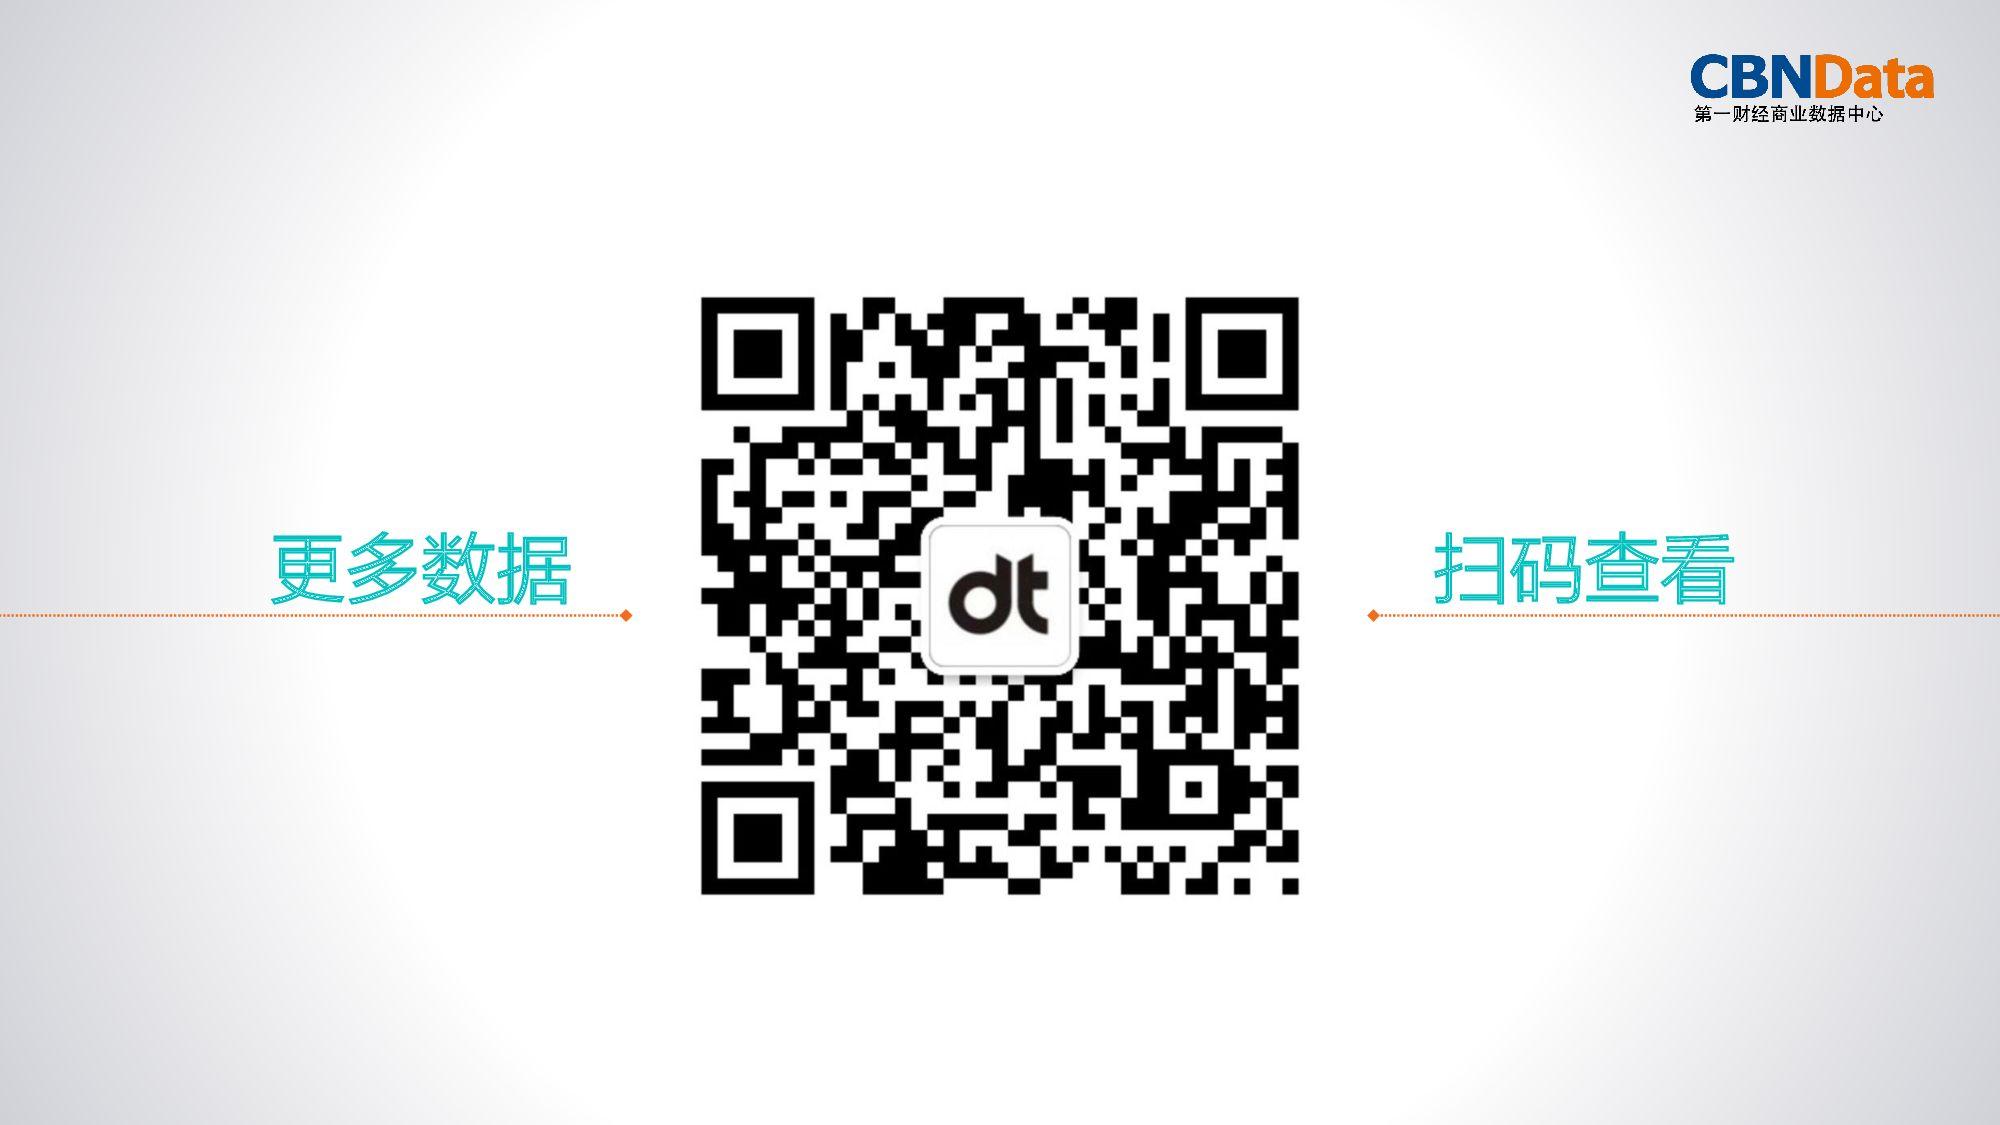 1471582231-7827-758dda08726cd09199d2583c8-37